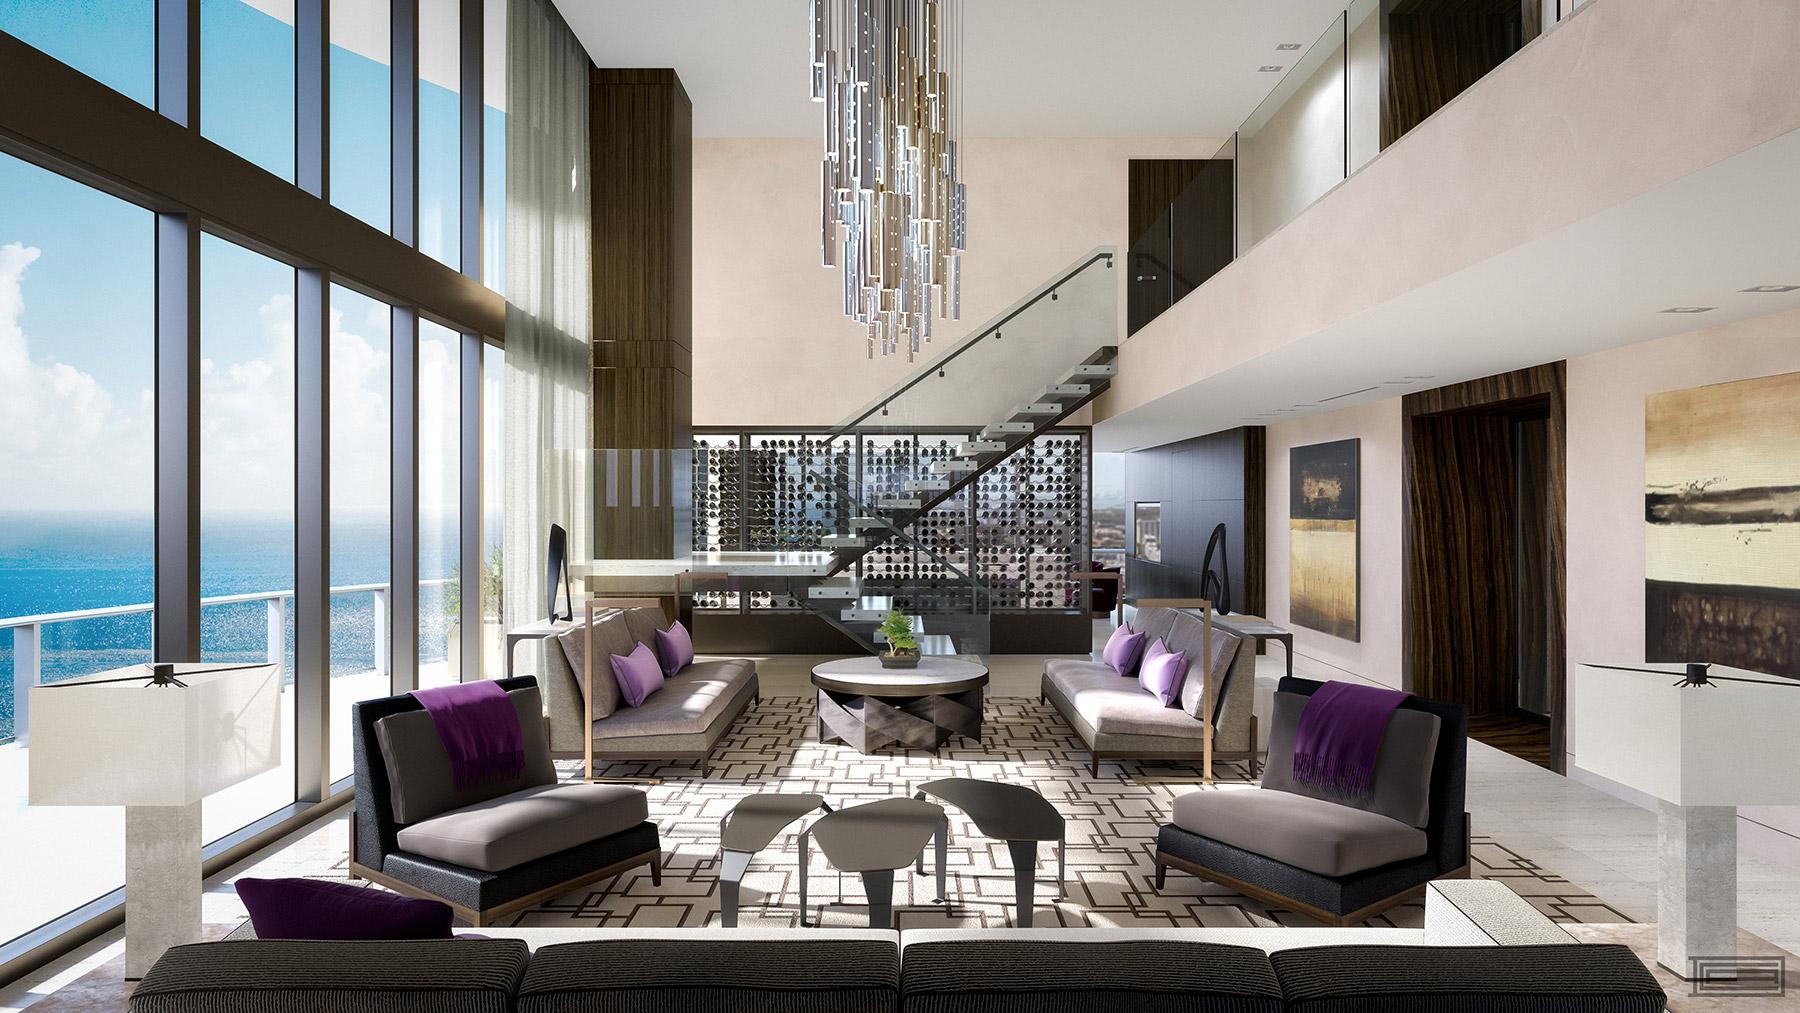 Regalia Miami penthouse asks $39M, includes $500K pink diamond